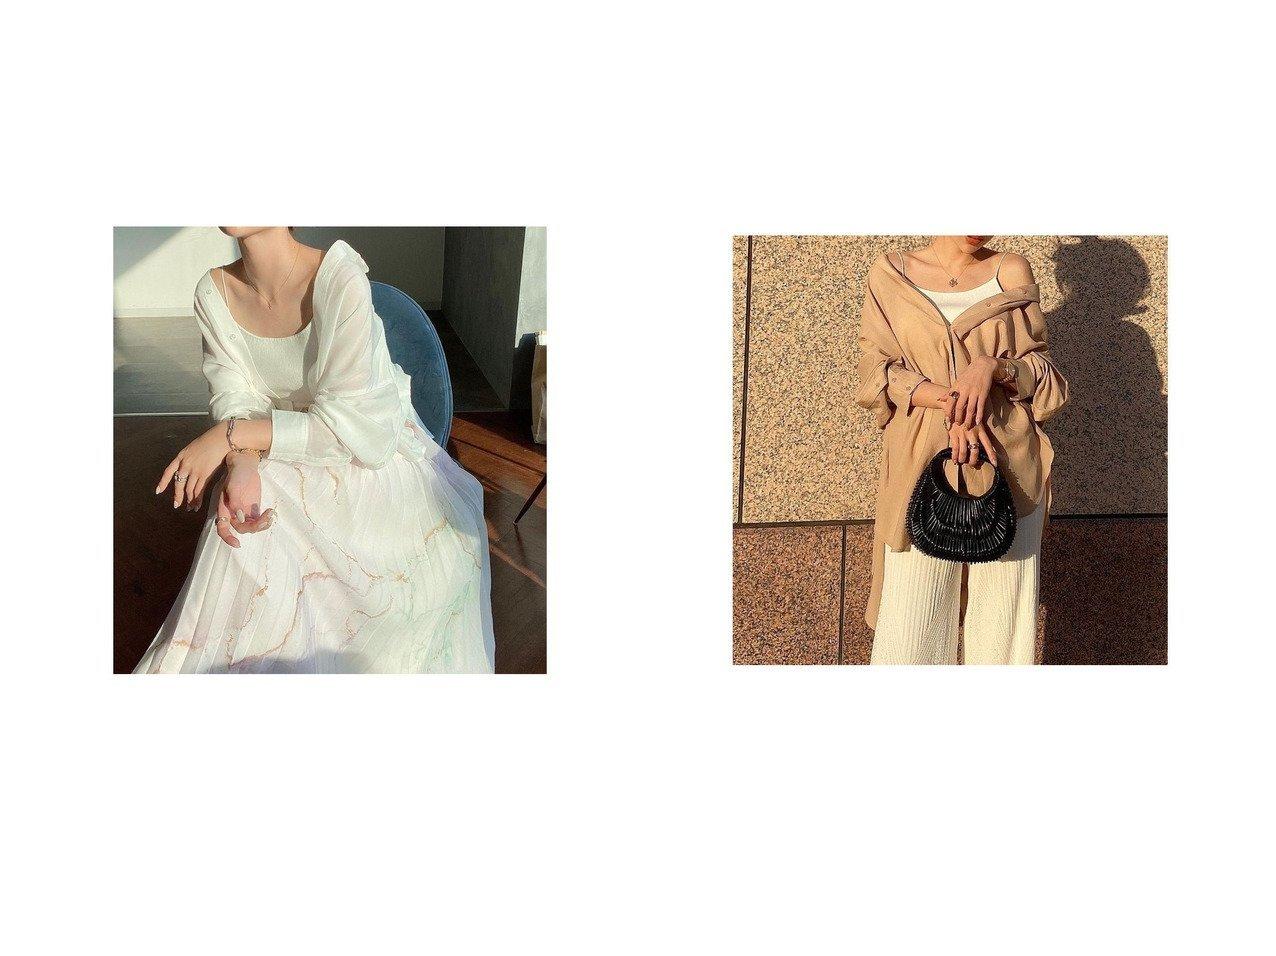 【eimy istoire/エイミーイストワール】のバックオープンビッグシャツ&Oil ink art シアープリーツスカート おすすめ!人気、トレンド・レディースファッションの通販 おすすめで人気の流行・トレンド、ファッションの通販商品 インテリア・家具・メンズファッション・キッズファッション・レディースファッション・服の通販 founy(ファニー) https://founy.com/ ファッション Fashion レディースファッション WOMEN スカート Skirt プリーツスカート Pleated Skirts トップス・カットソー Tops/Tshirt シャツ/ブラウス Shirts/Blouses バッグ Bag エアリー シアー シンプル プリント プリーツ オフショルダー スリット スリーブ ビッグ 夏 Summer 羽織 |ID:crp329100000060781